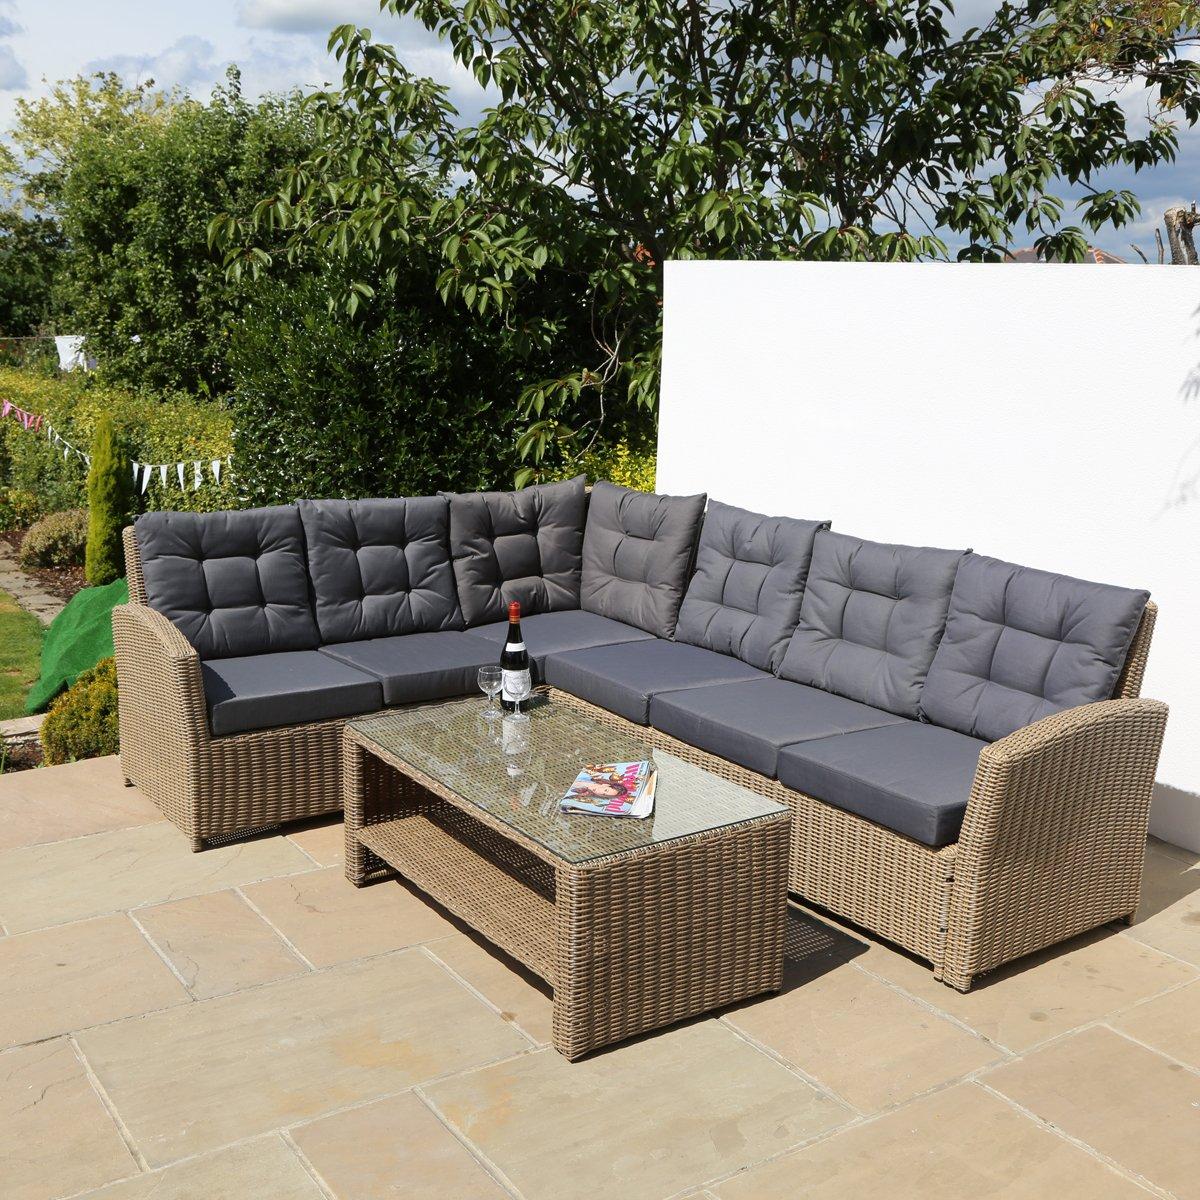 6-Sitzer Luxus braun Rattan Garten Möbel Set mit Kissen